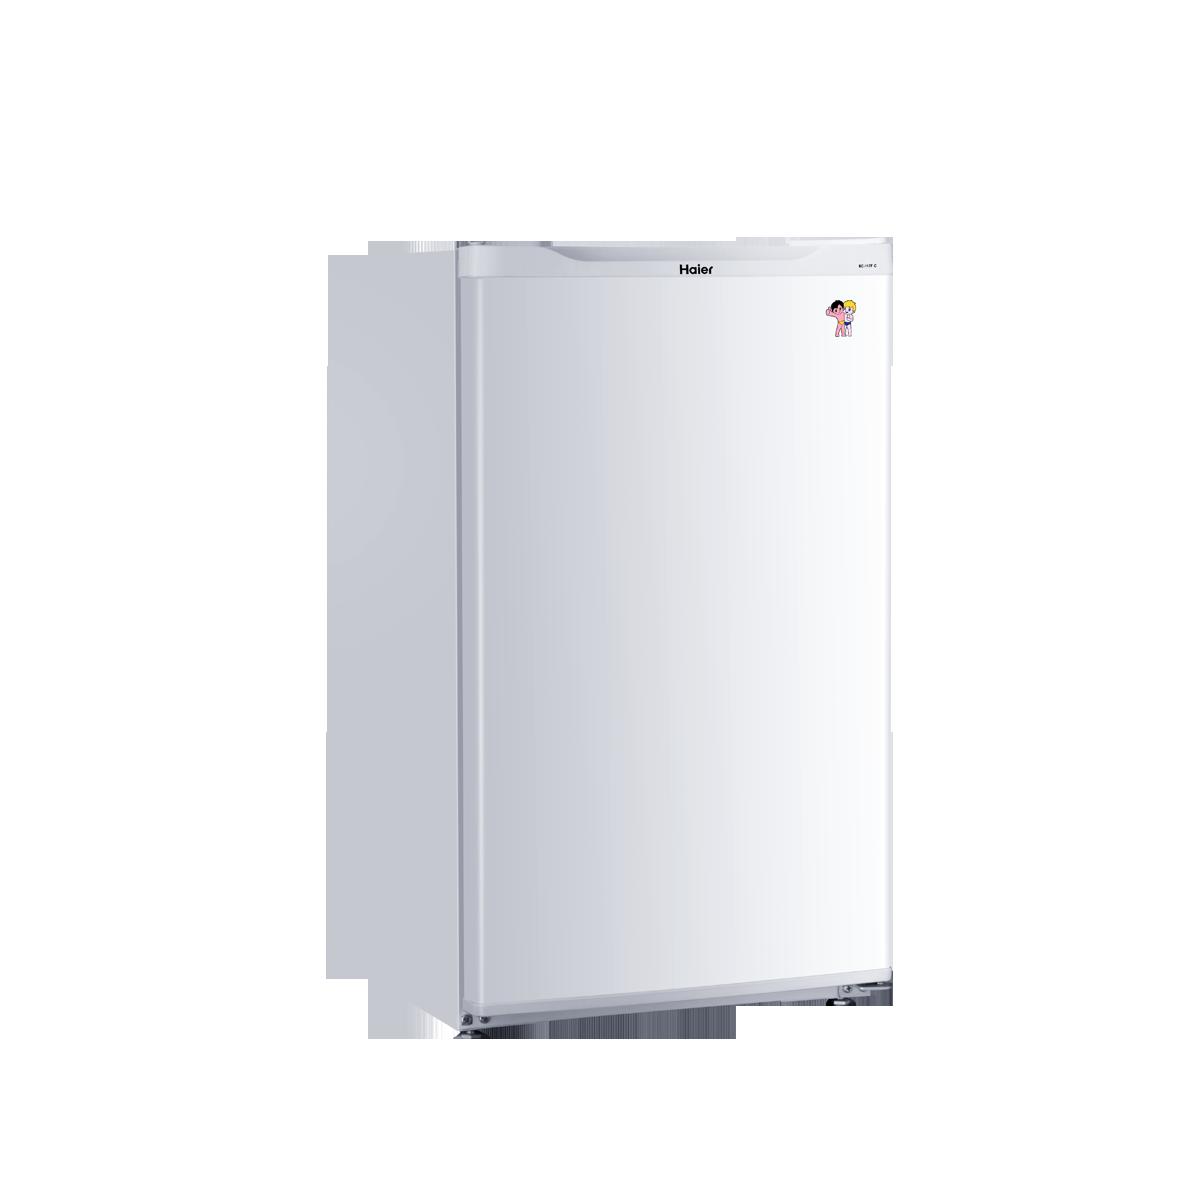 怎么挑二手冰箱 二手冰箱注意事项有哪些?